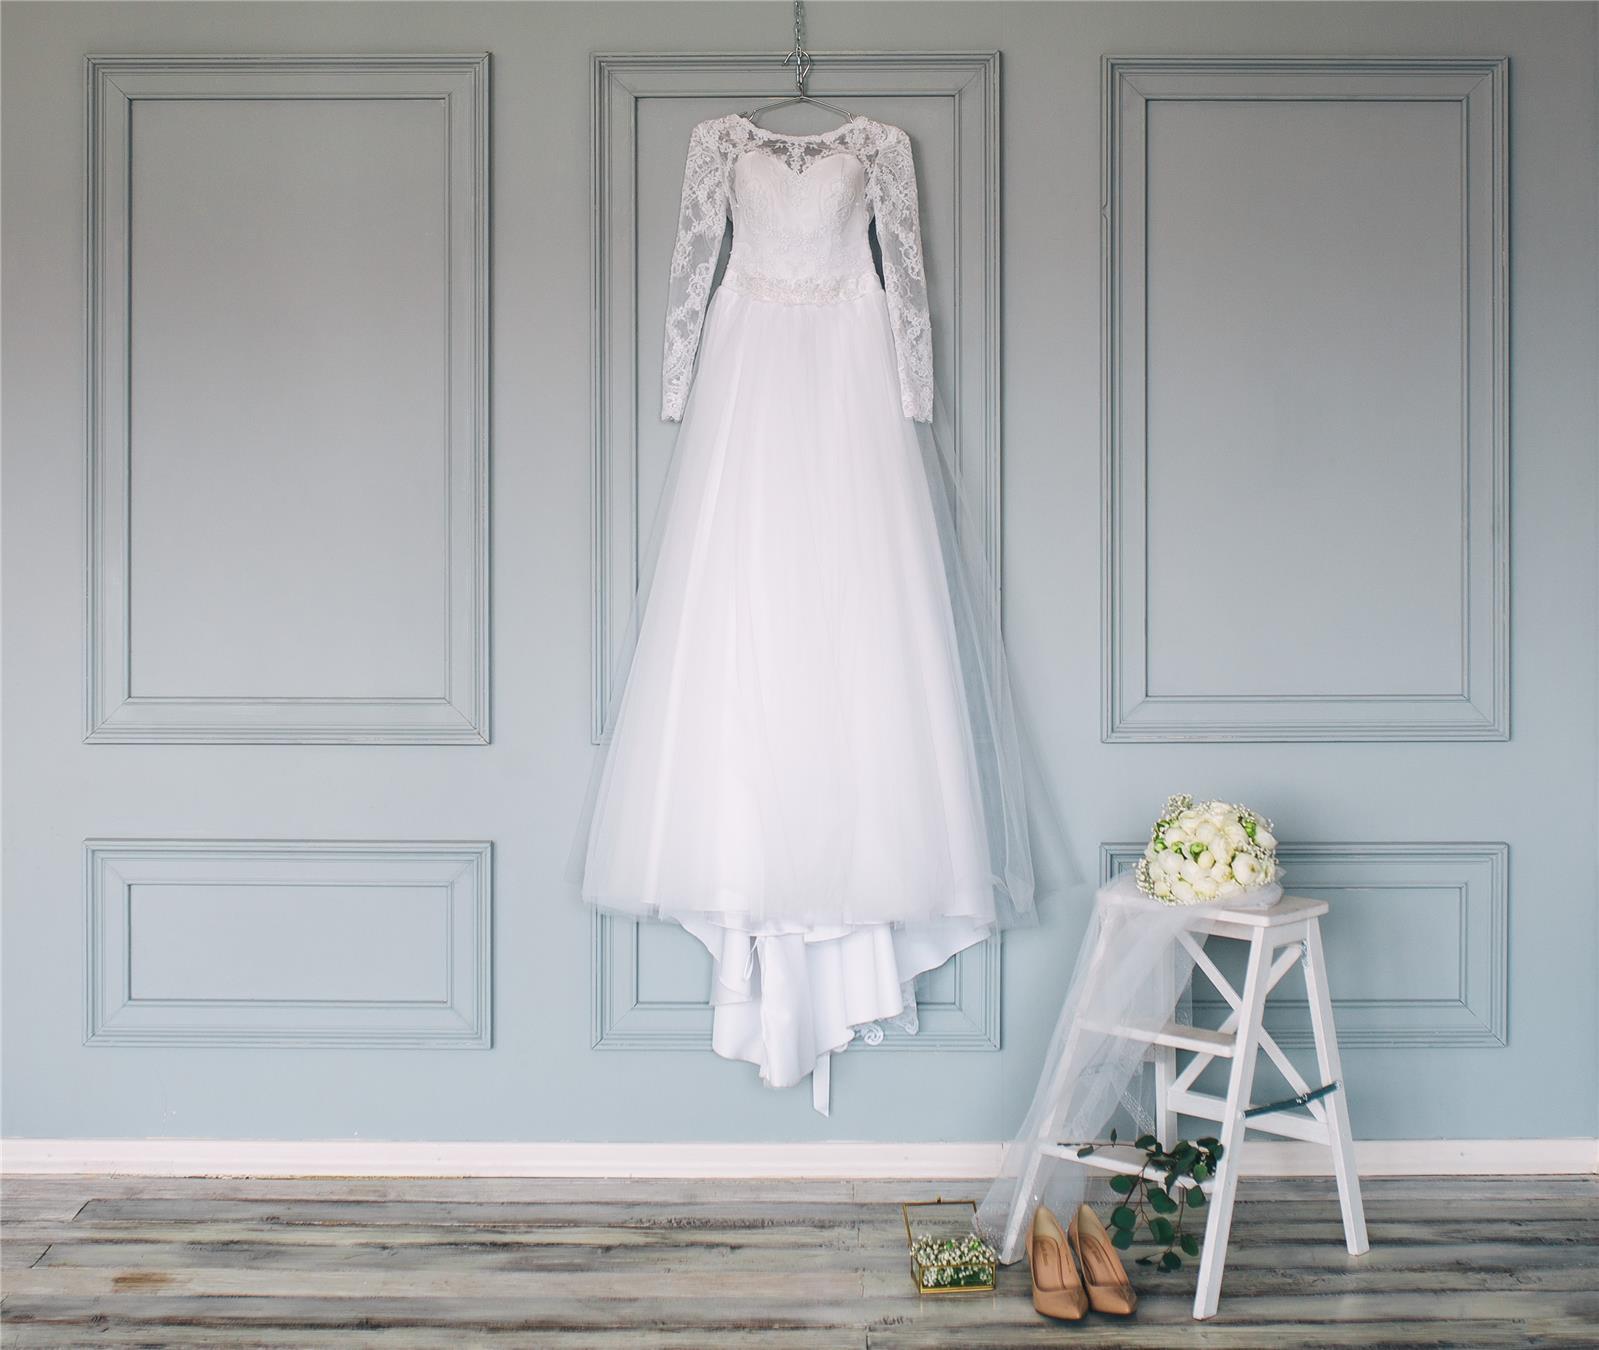 חתונה מצומצמת עקב הקורונה? האם גם השמלה שלך תהיה קטנה ופשוטה?, שמלות כלה, 2